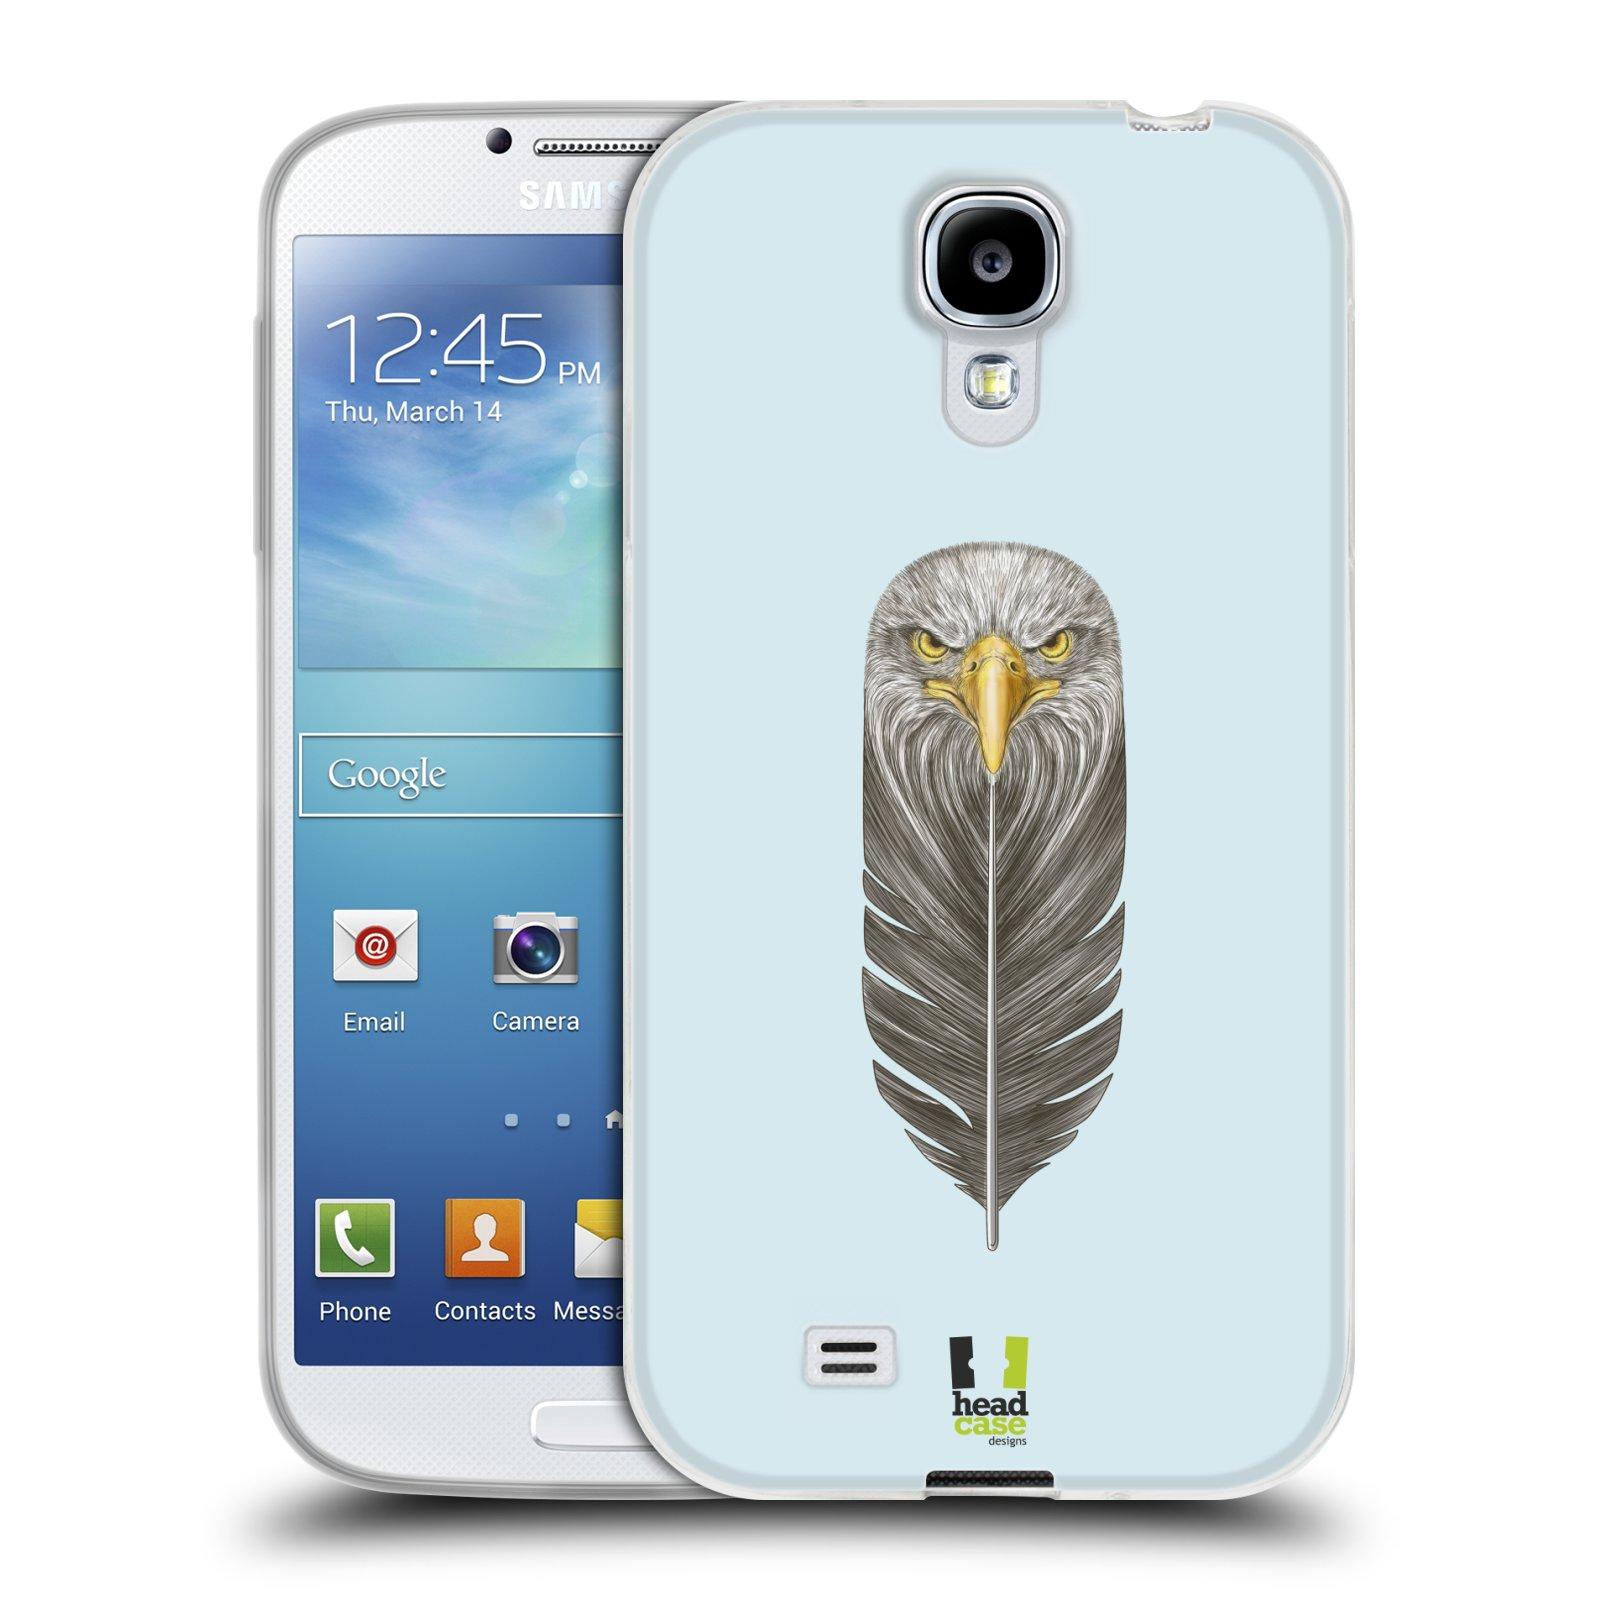 Silikonové pouzdro na mobil Samsung Galaxy S4 HEAD CASE PÍRKO OREL (Silikonový kryt či obal na mobilní telefon Samsung Galaxy S4 GT-i9505 / i9500)